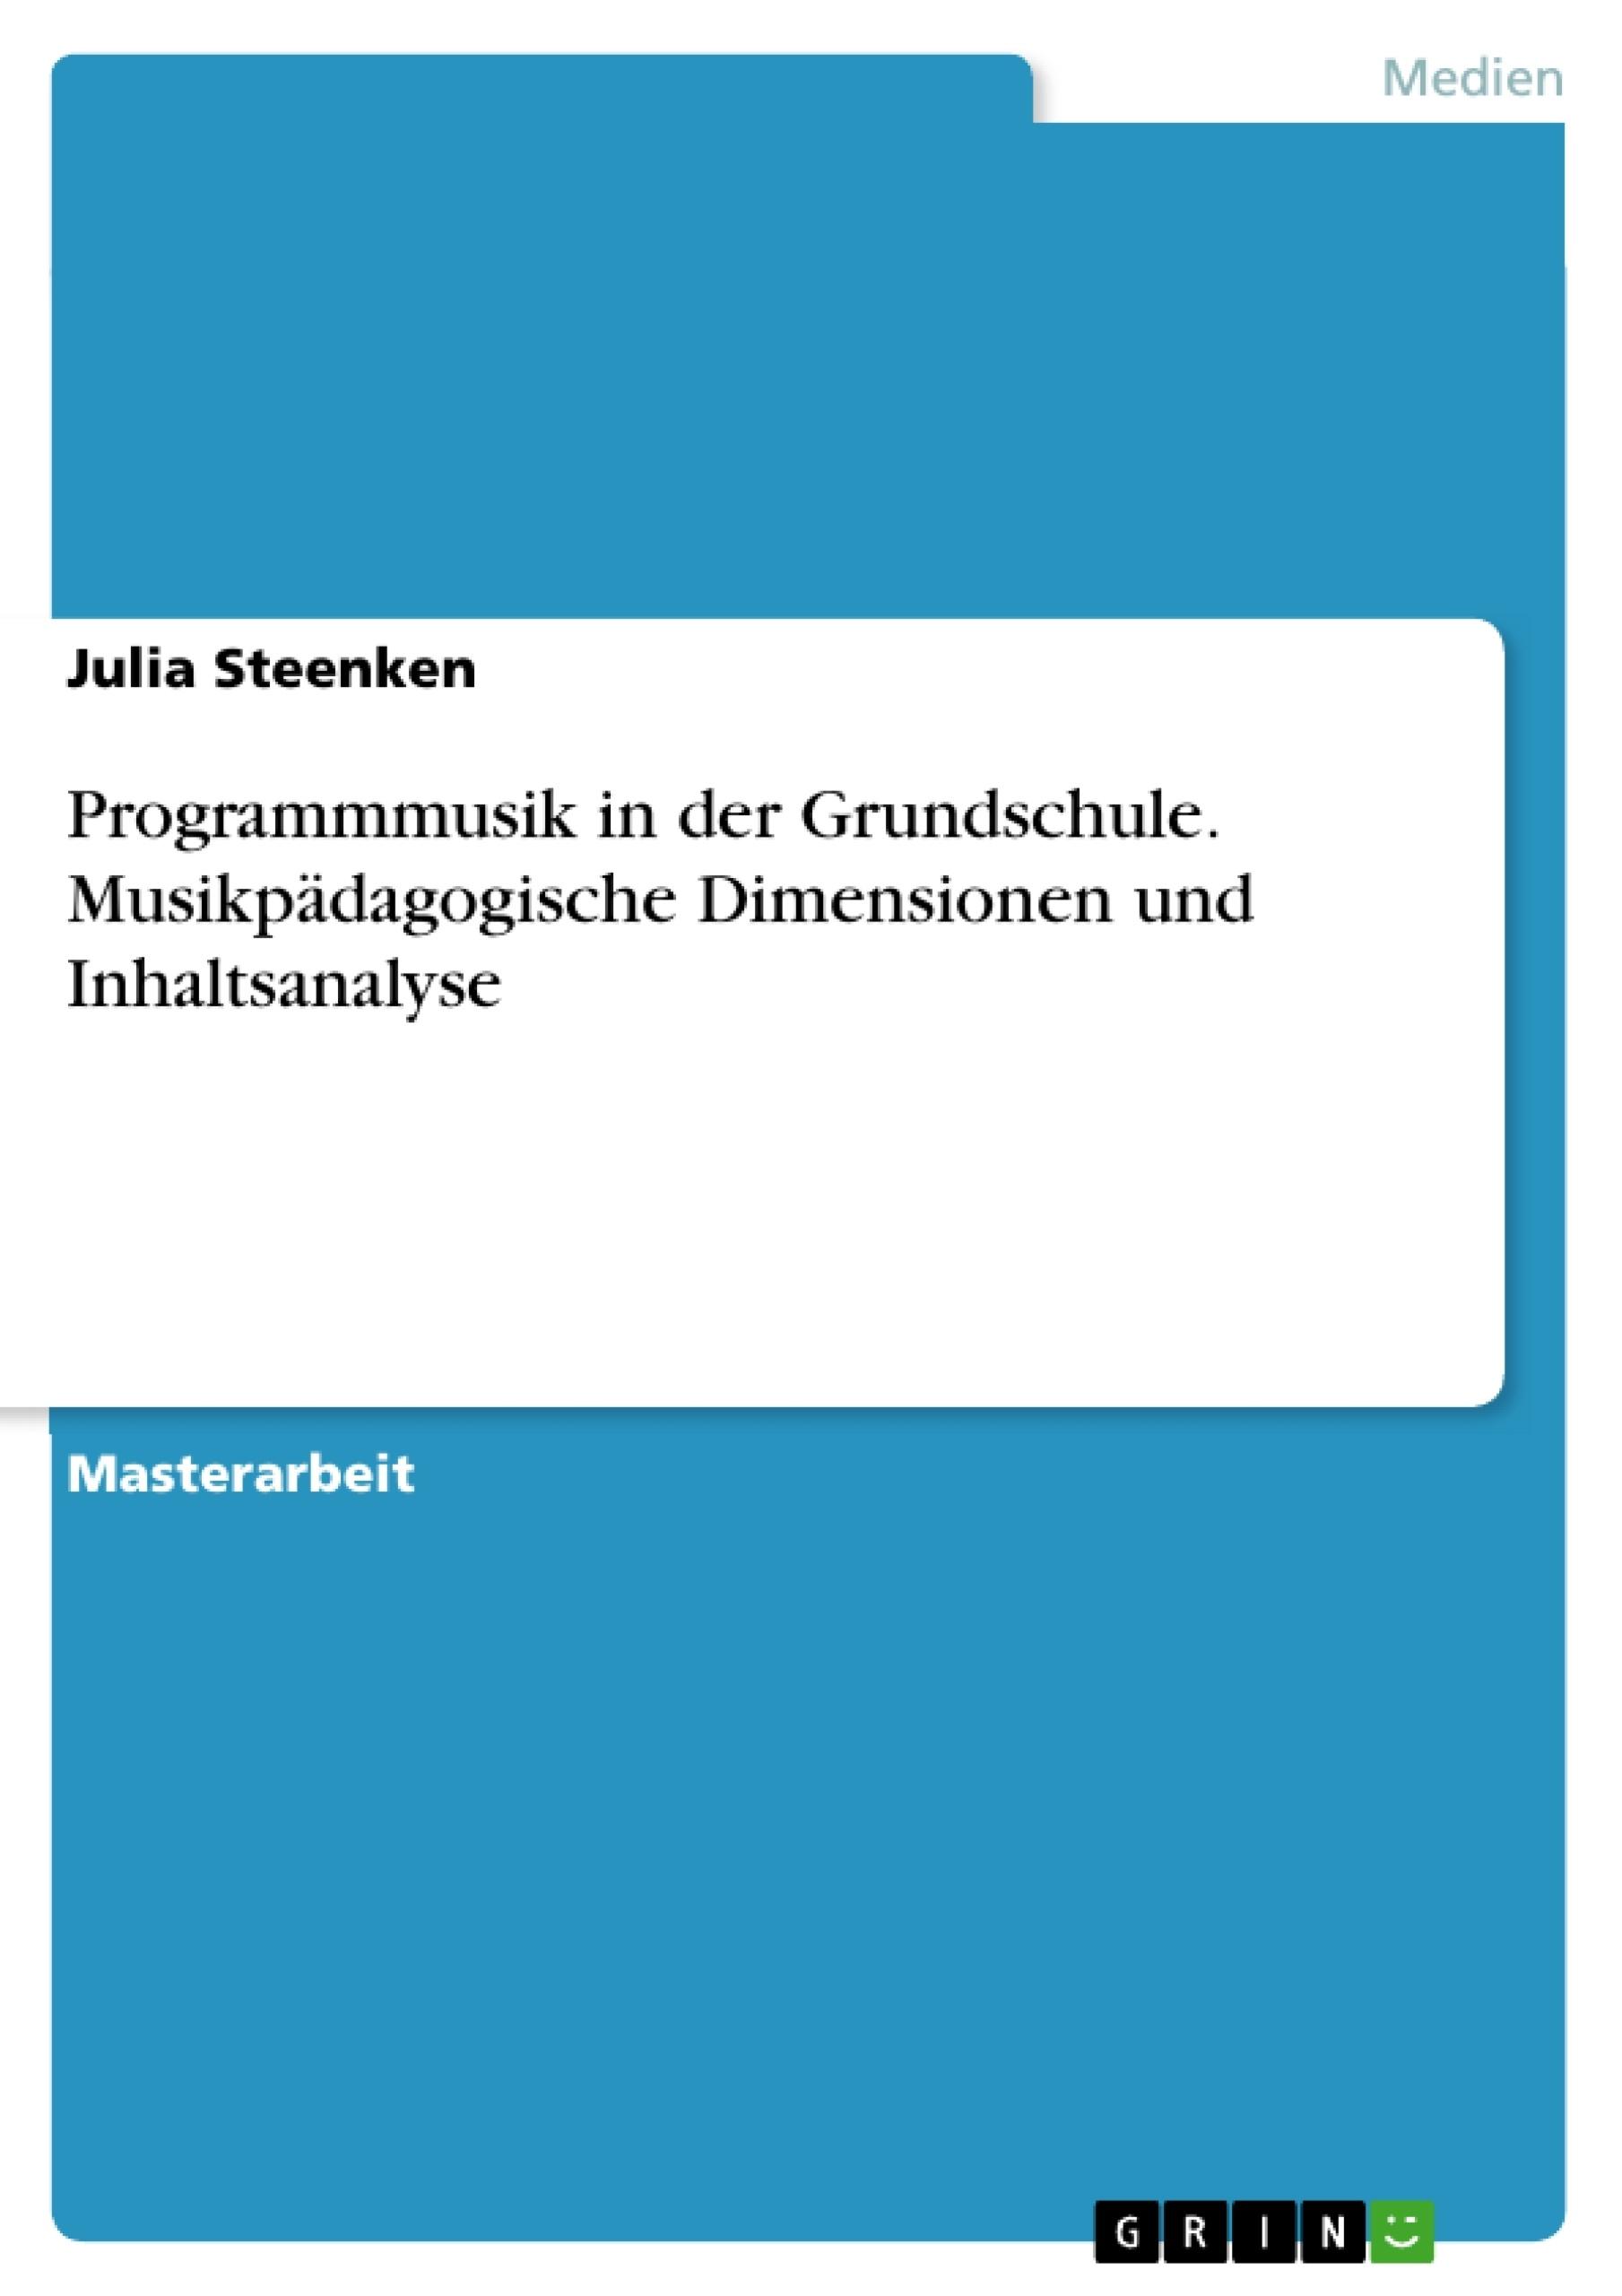 Titel: Programmmusik in der Grundschule. Musikpädagogische Dimensionen und Inhaltsanalyse